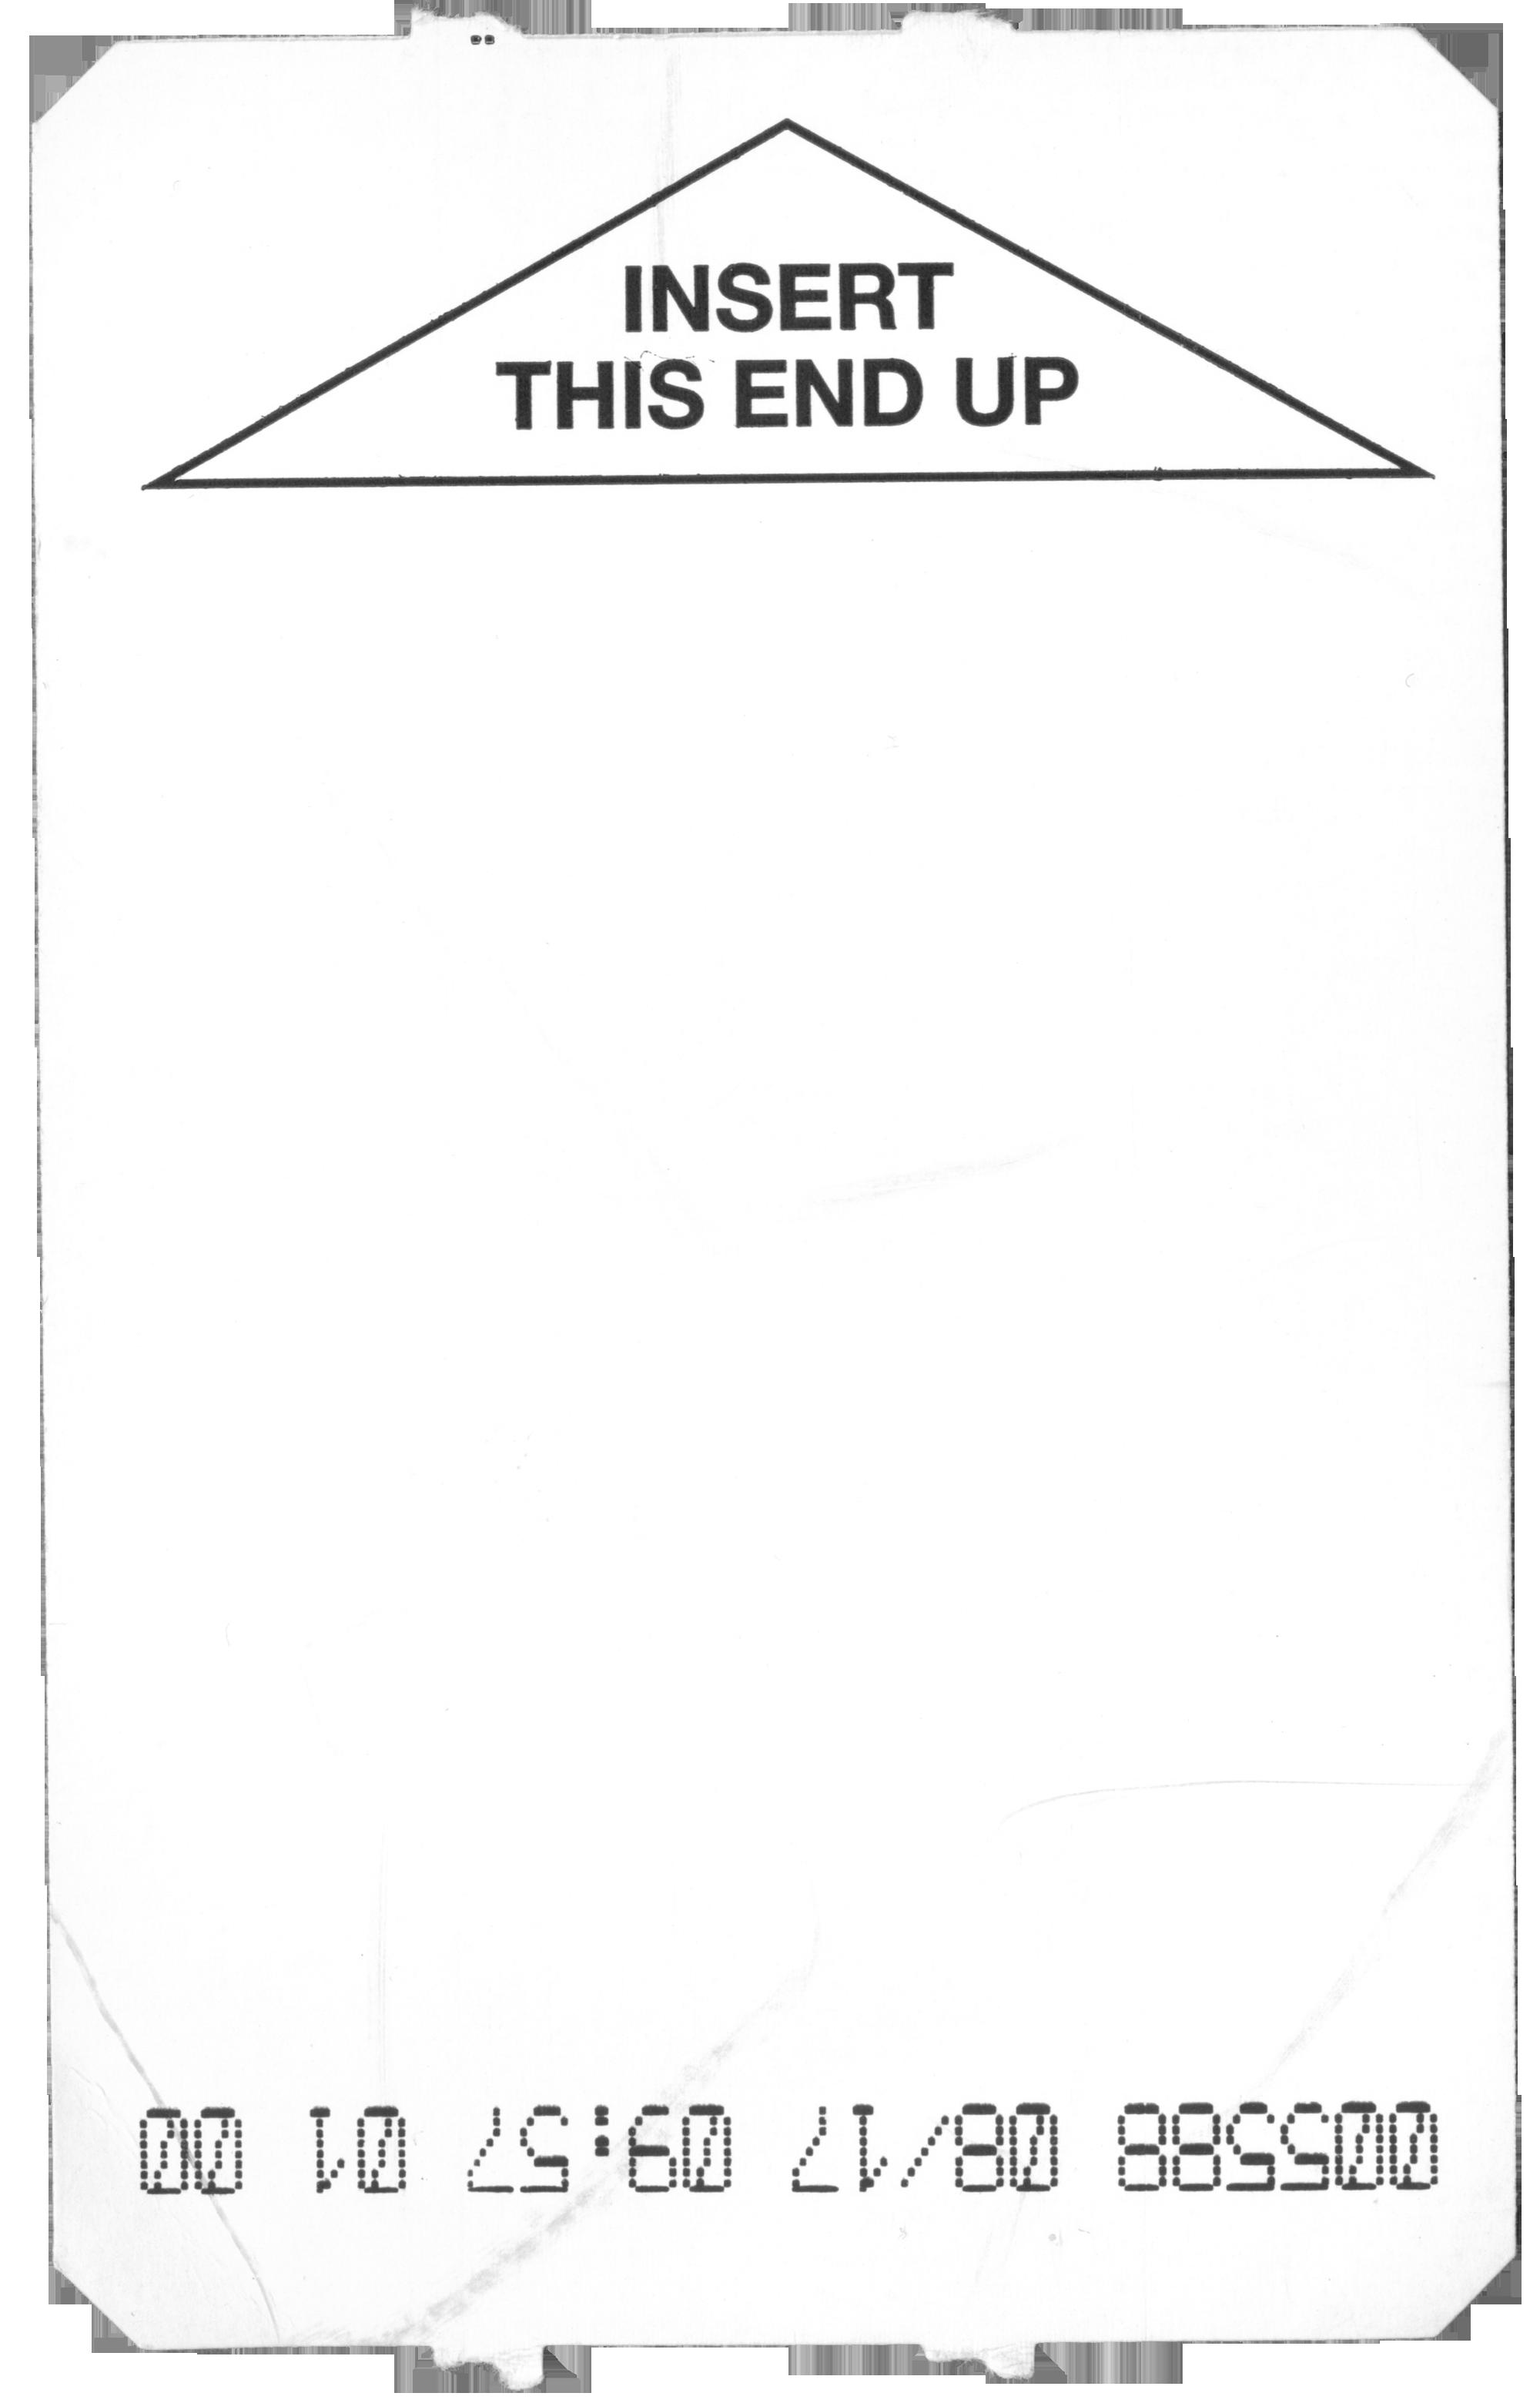 ParkingTicket  Paper